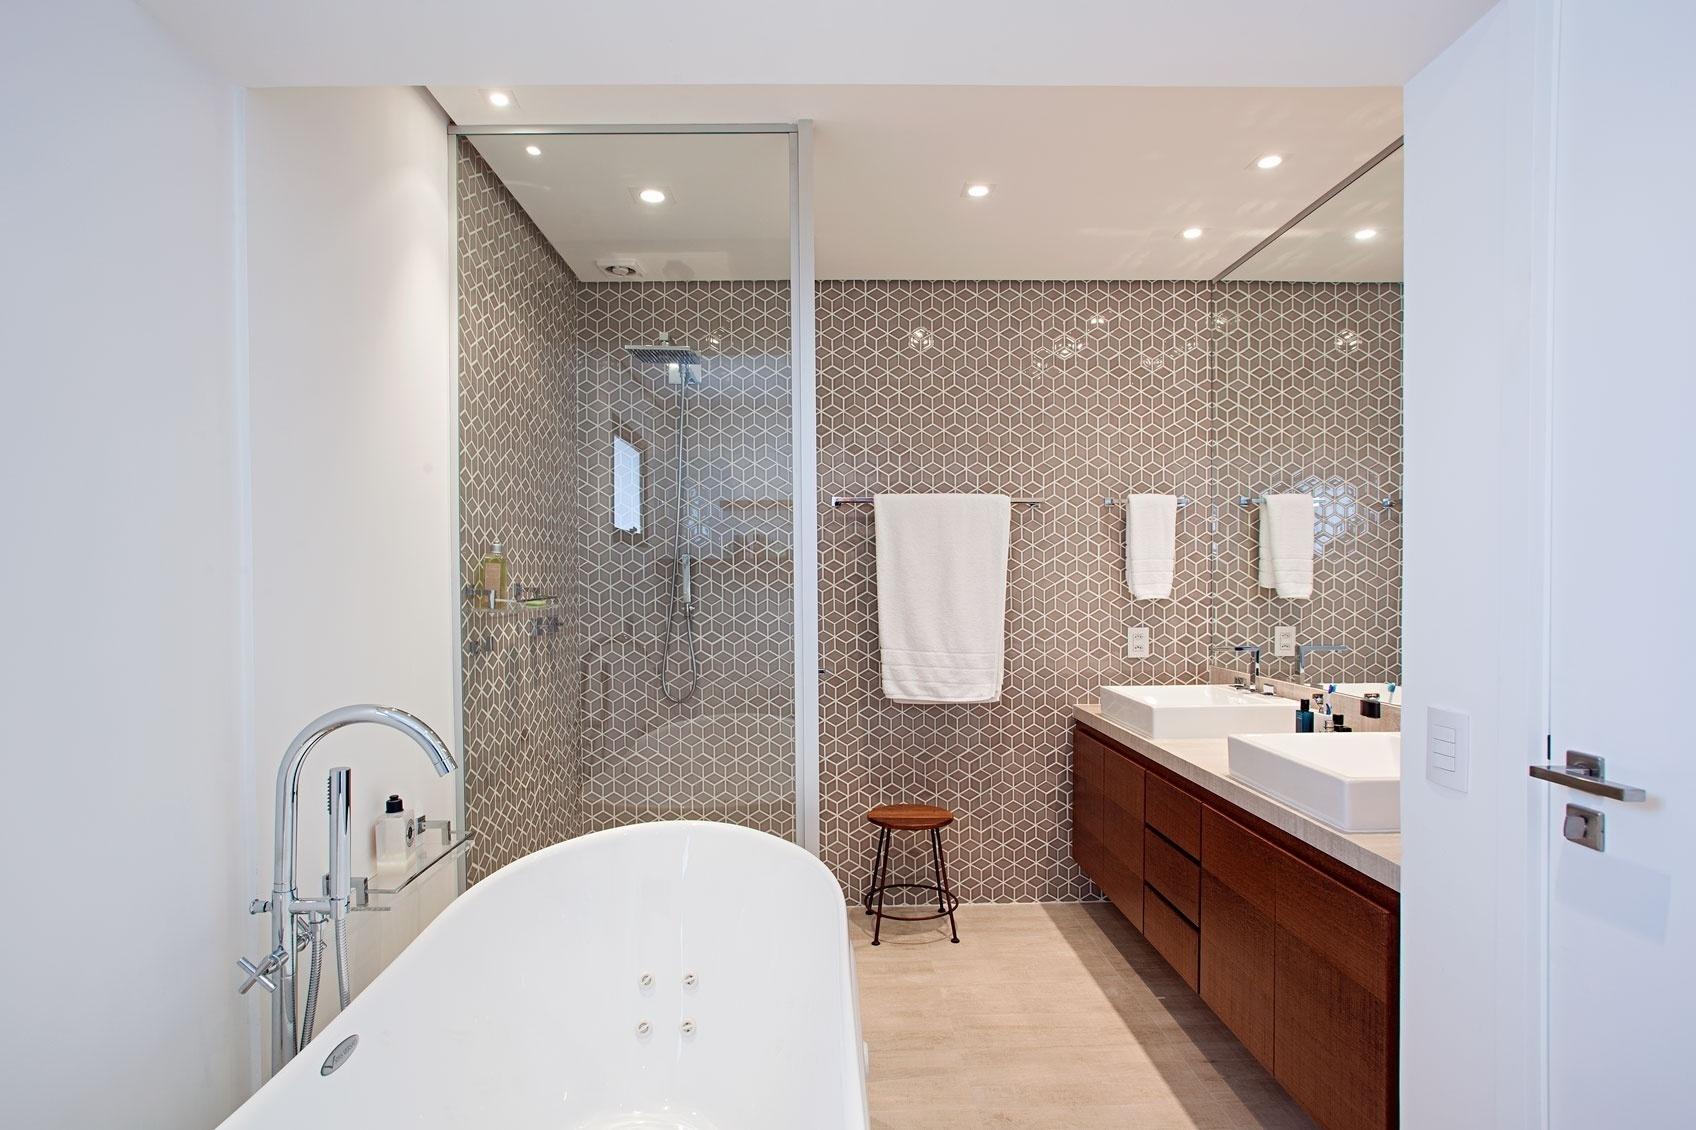 Fotos Ideias Para Transformar O Banheiro De Casa Em Um Spa De  ~ Quarto Com Banheira Integrada E Decoração Japonesa Quarto